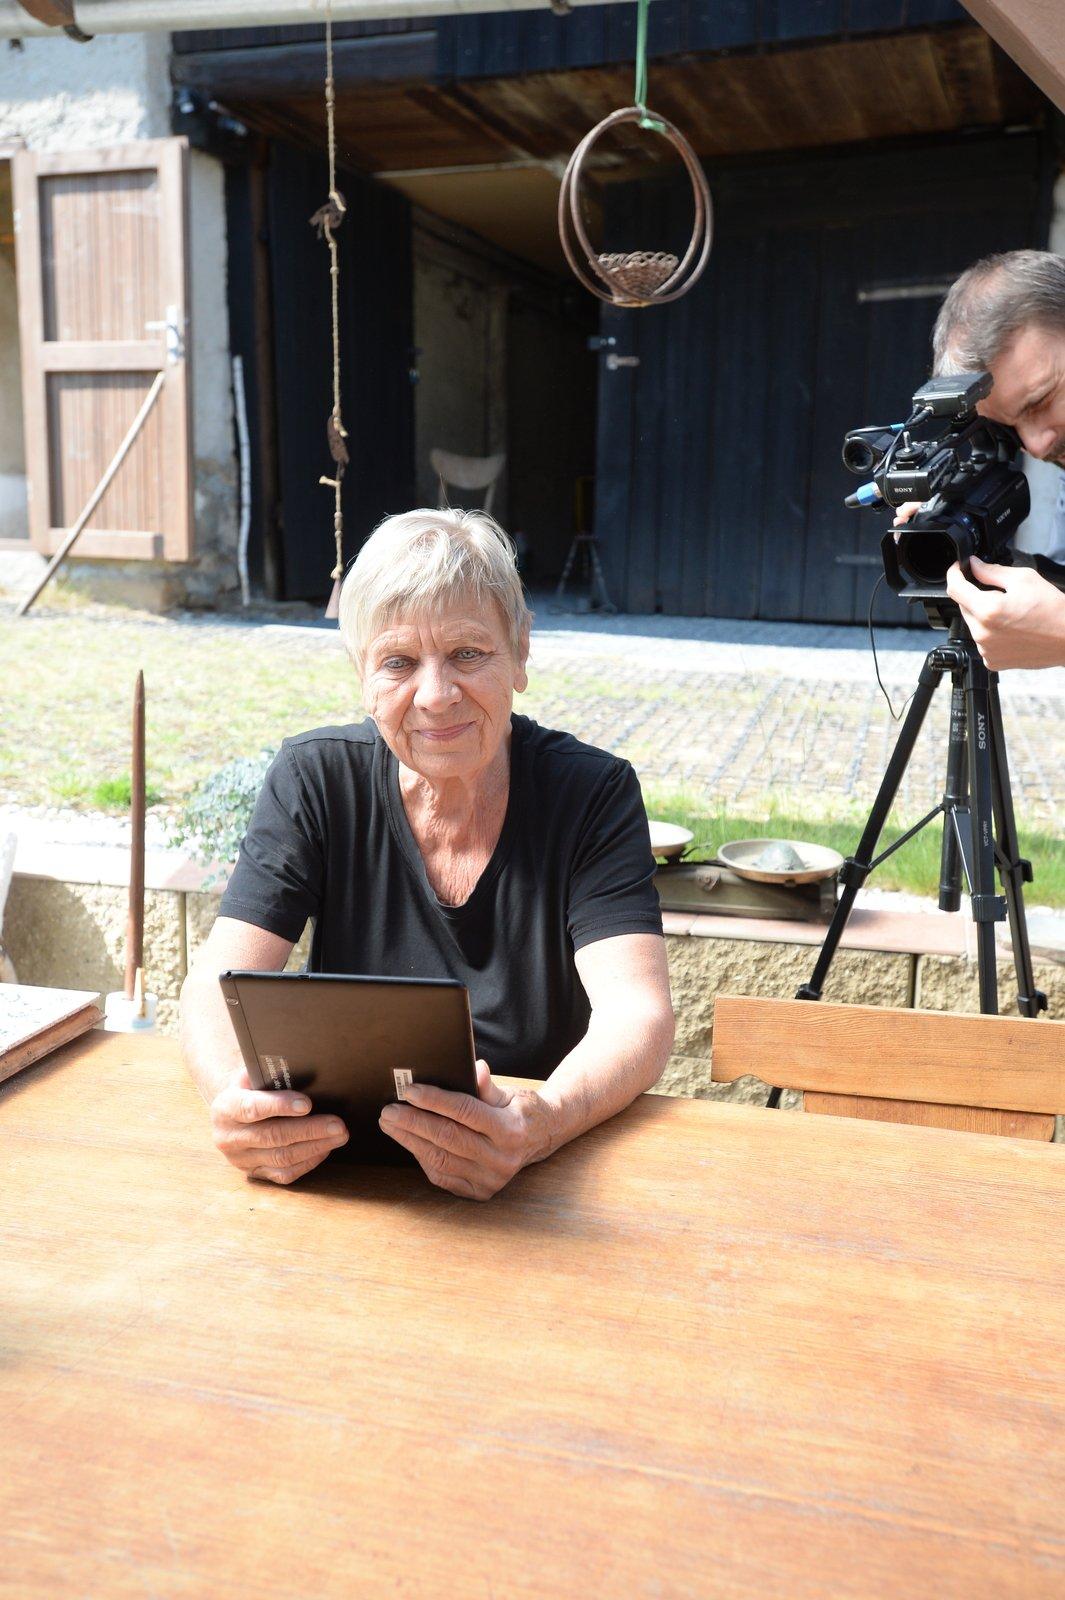 Jaroslavu Obermaierovou ve Vyškově sledují pravidelně v seriálu Ulice. A jejich dotazy mířily také velmi často k seriálu.